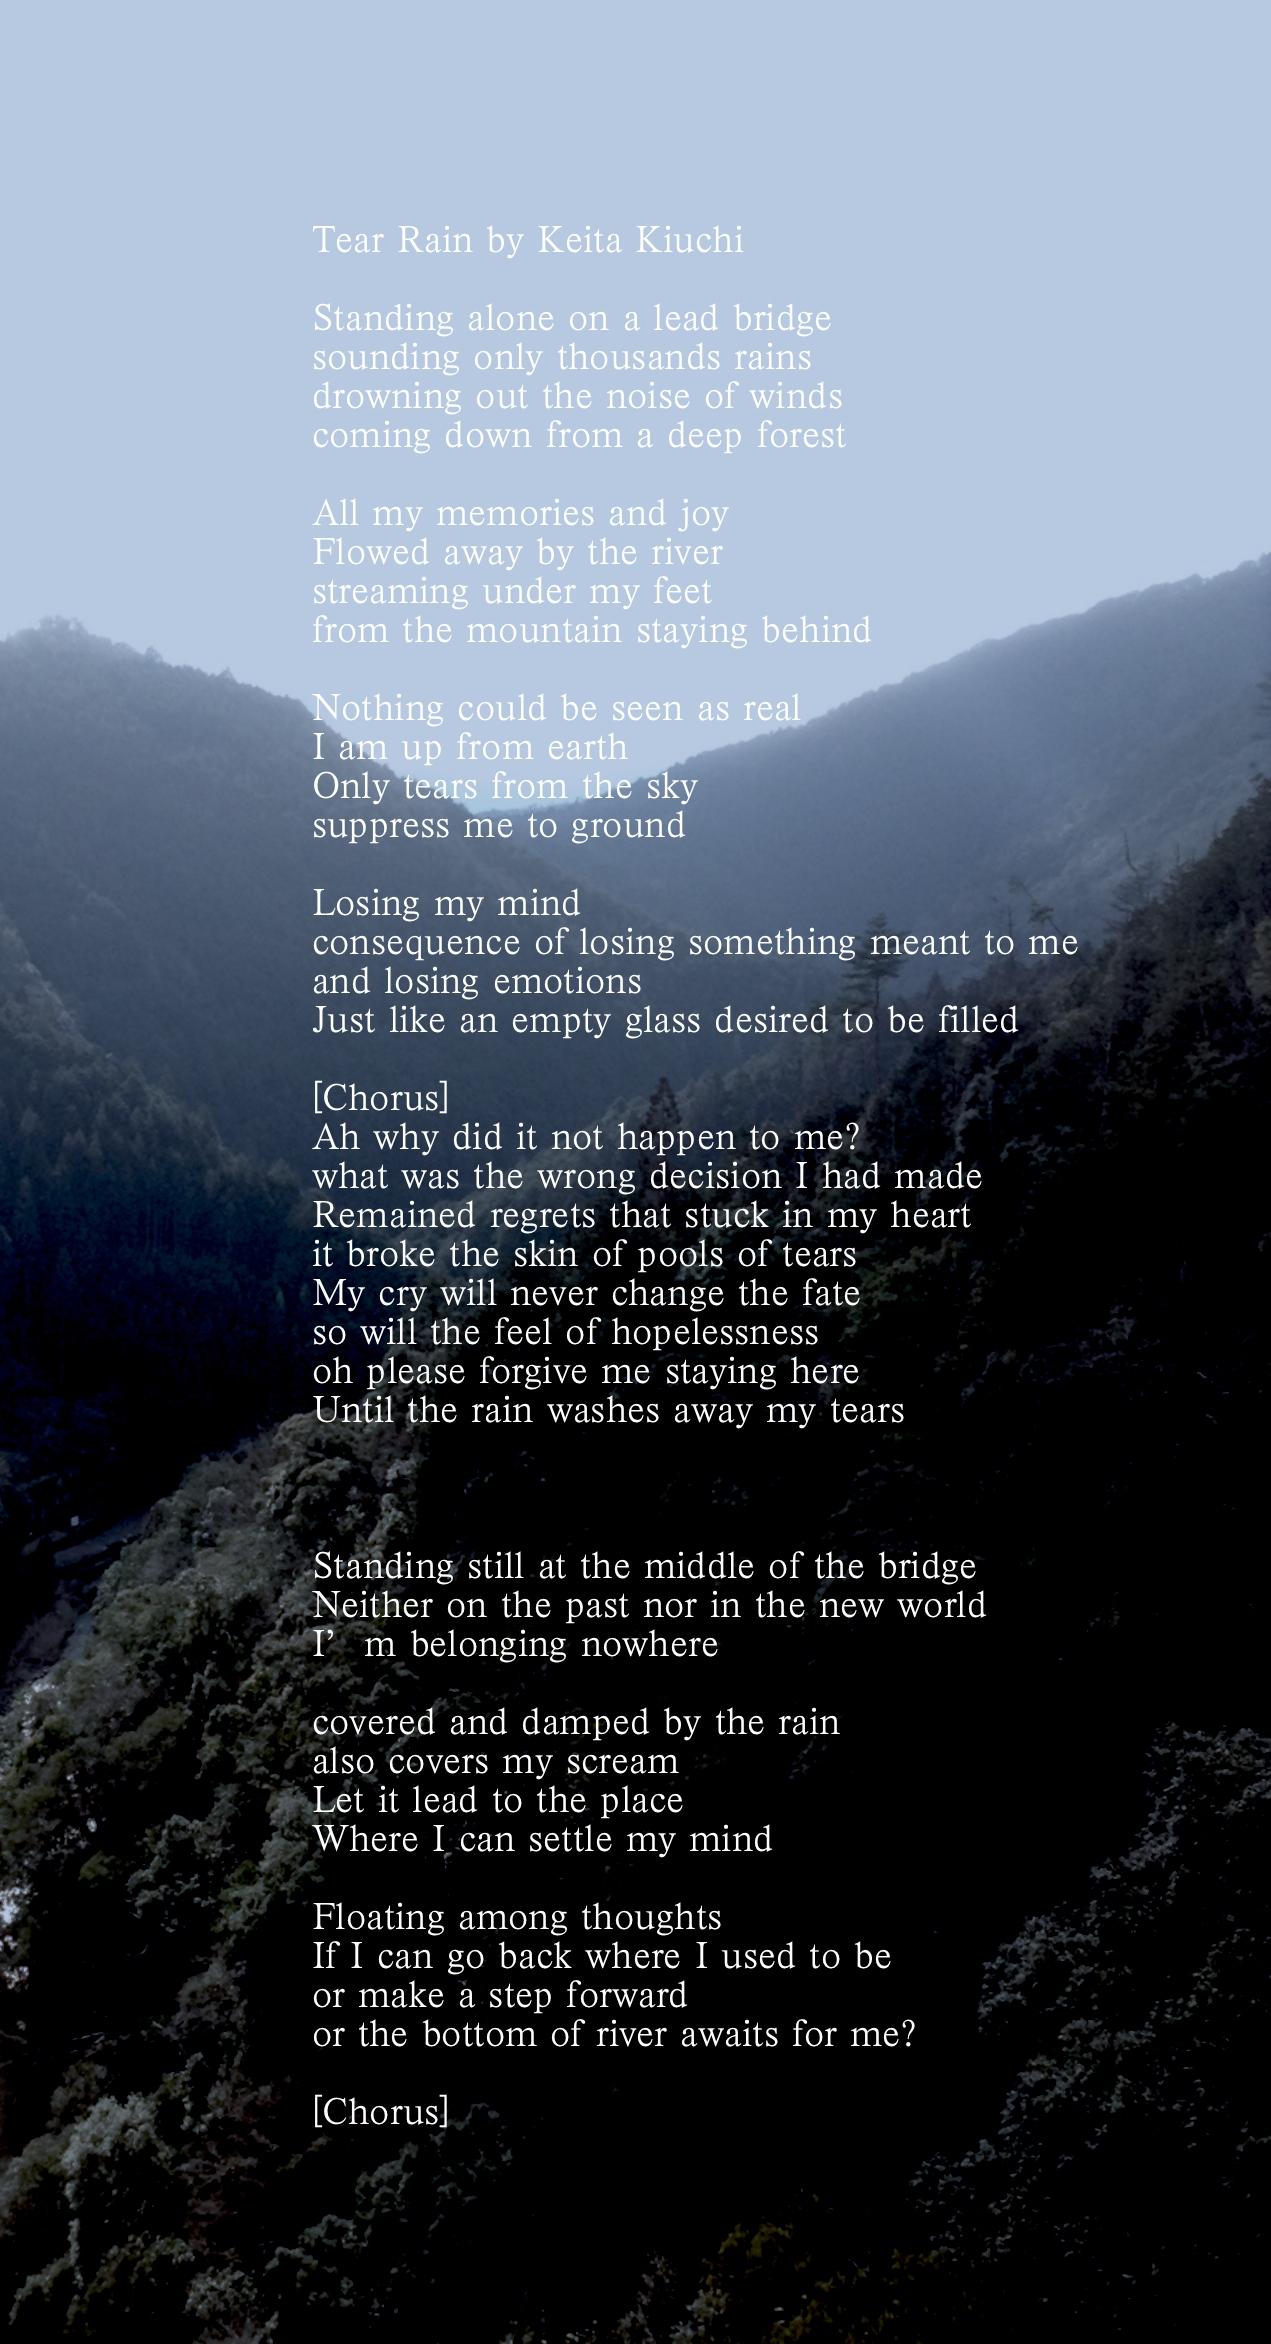 Tear_rain.lyrics_card.jpg